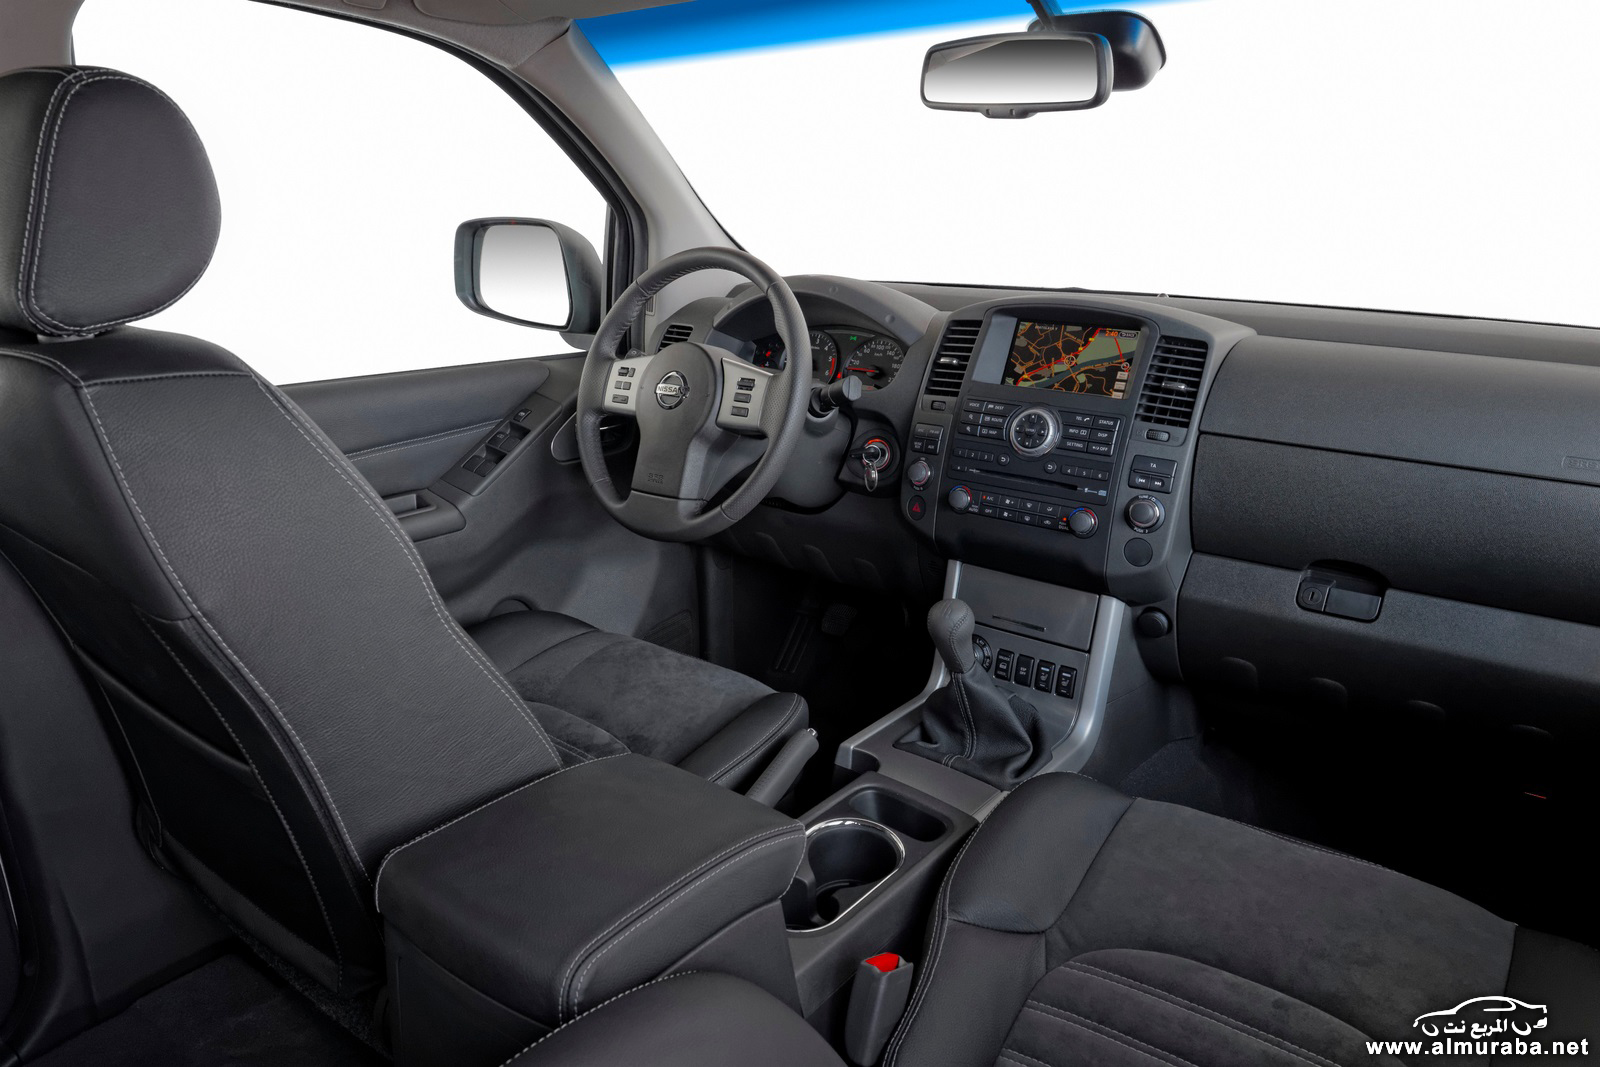 نيسان نافارا 2015 SUV الصلبة سيارة الجيل القادم صور ...